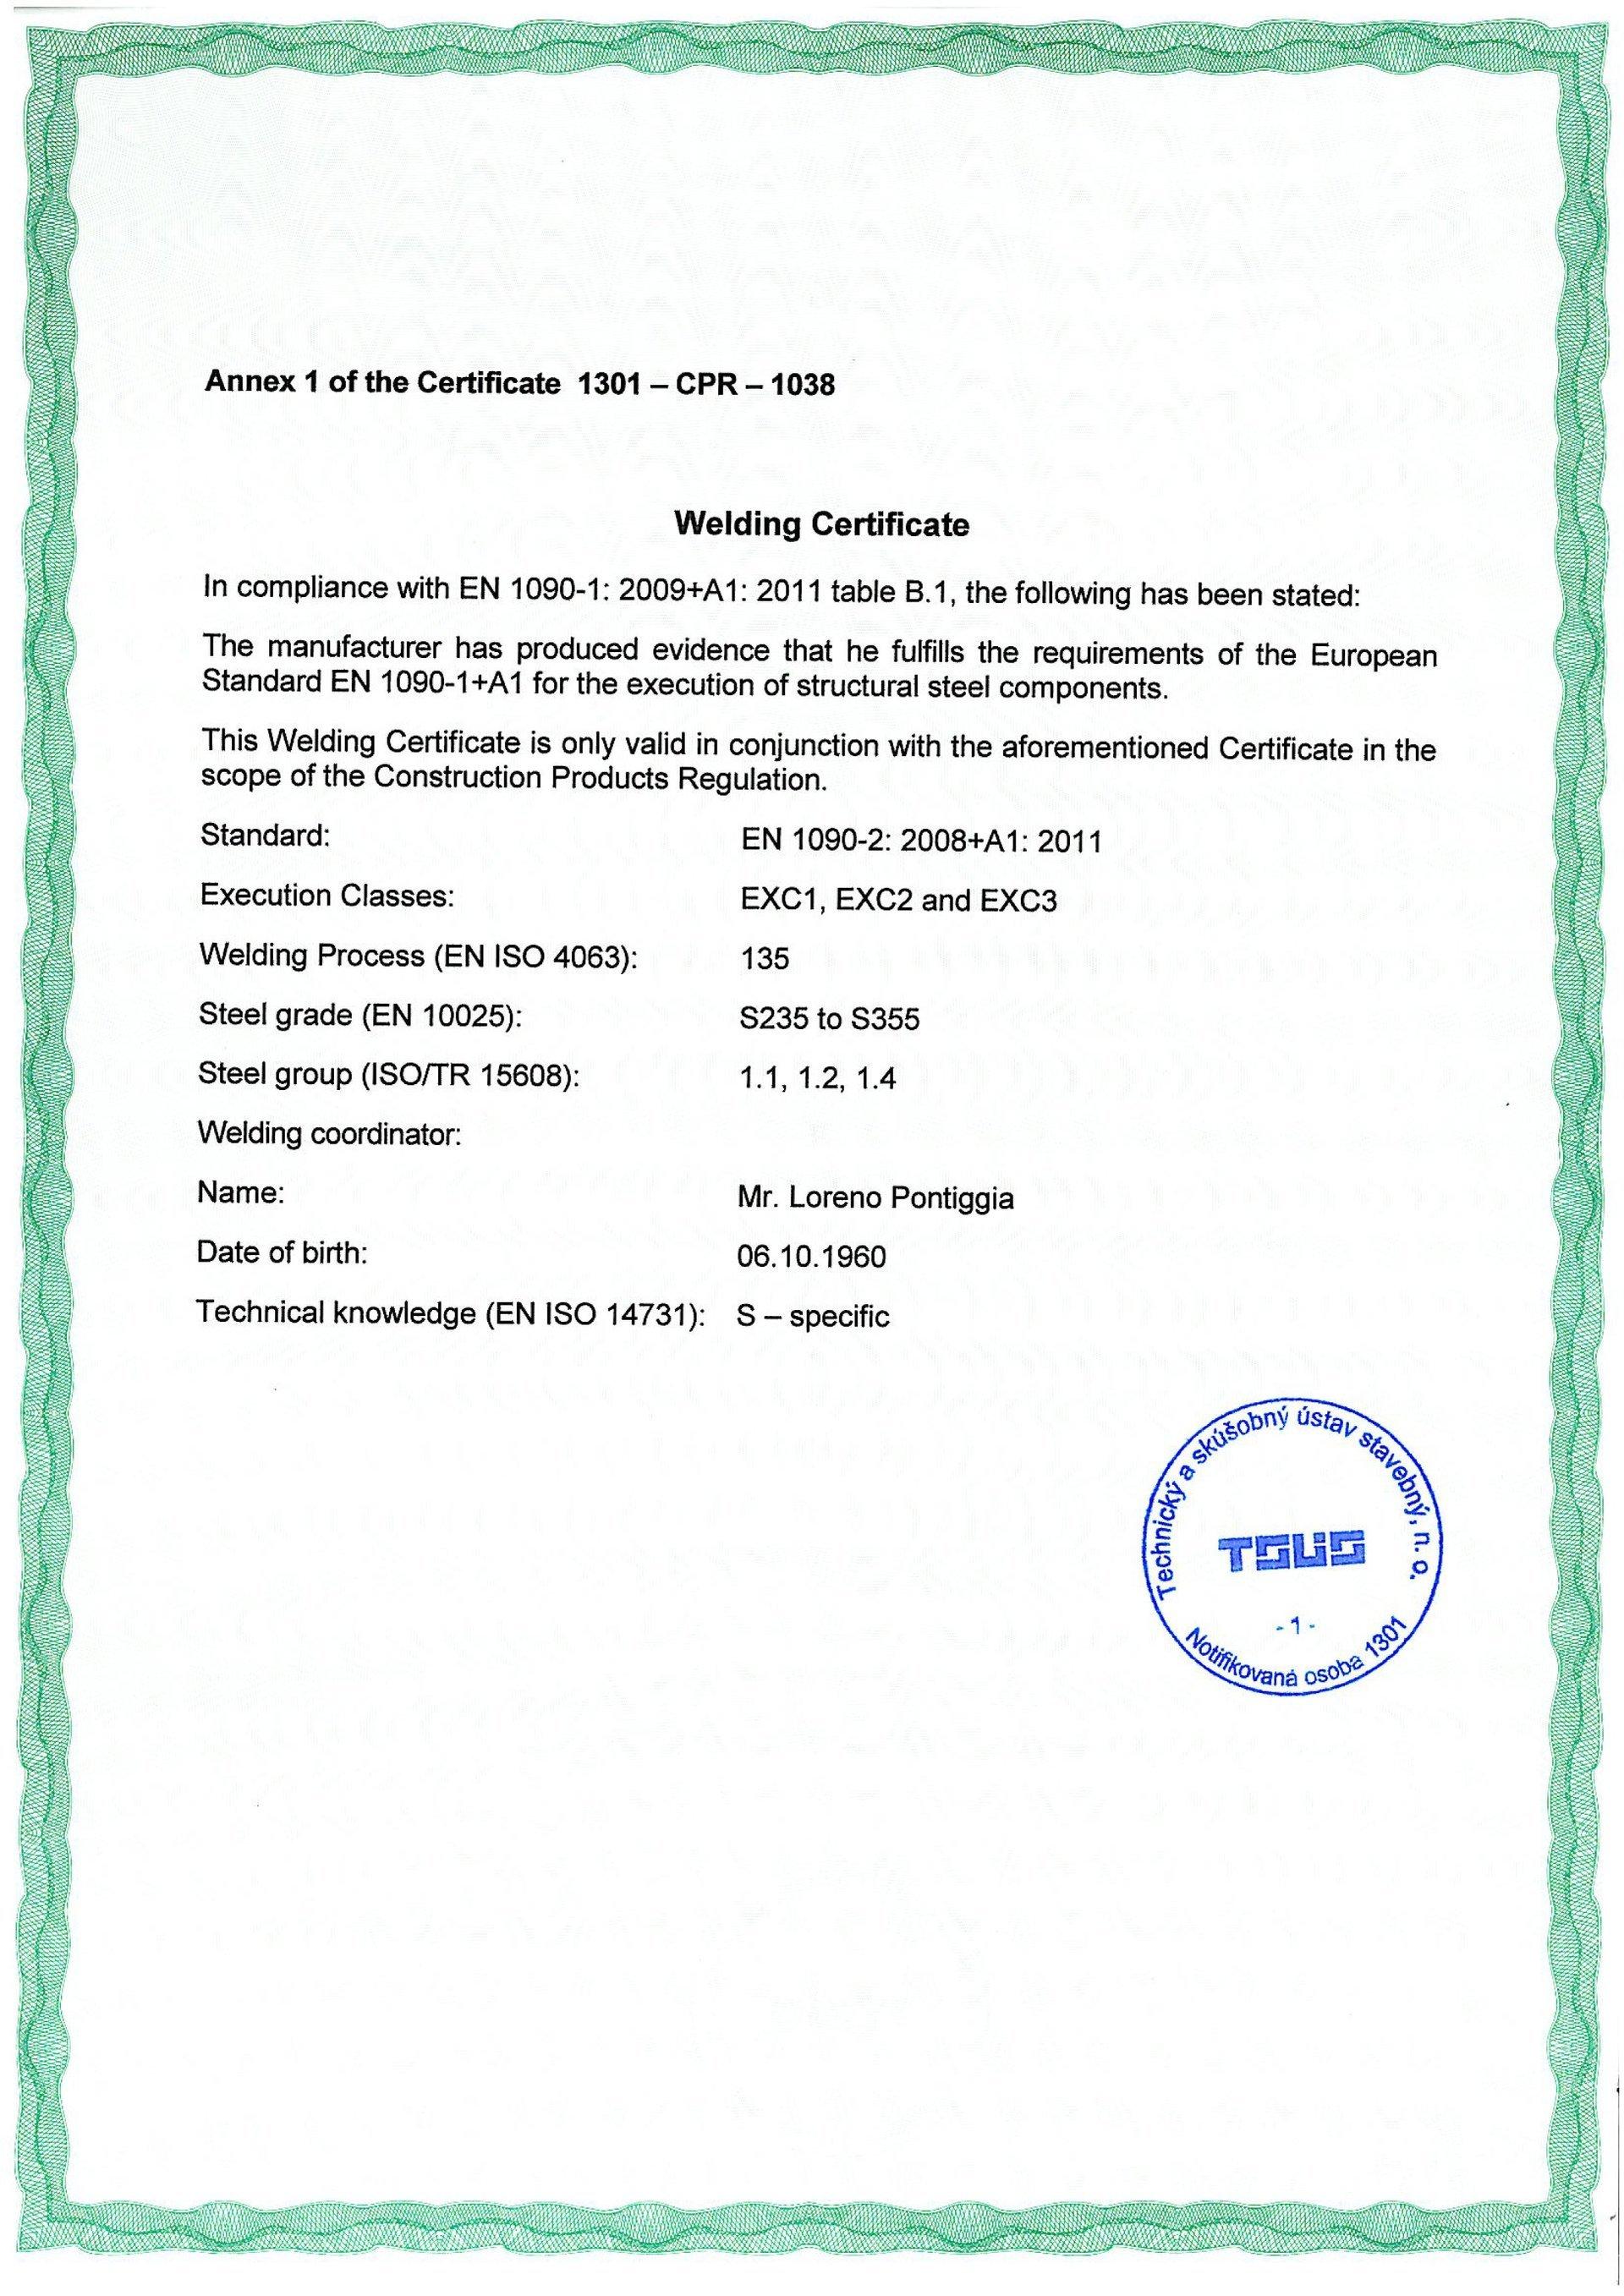 Certificazione dell'Istituto Italiano della Saldatura